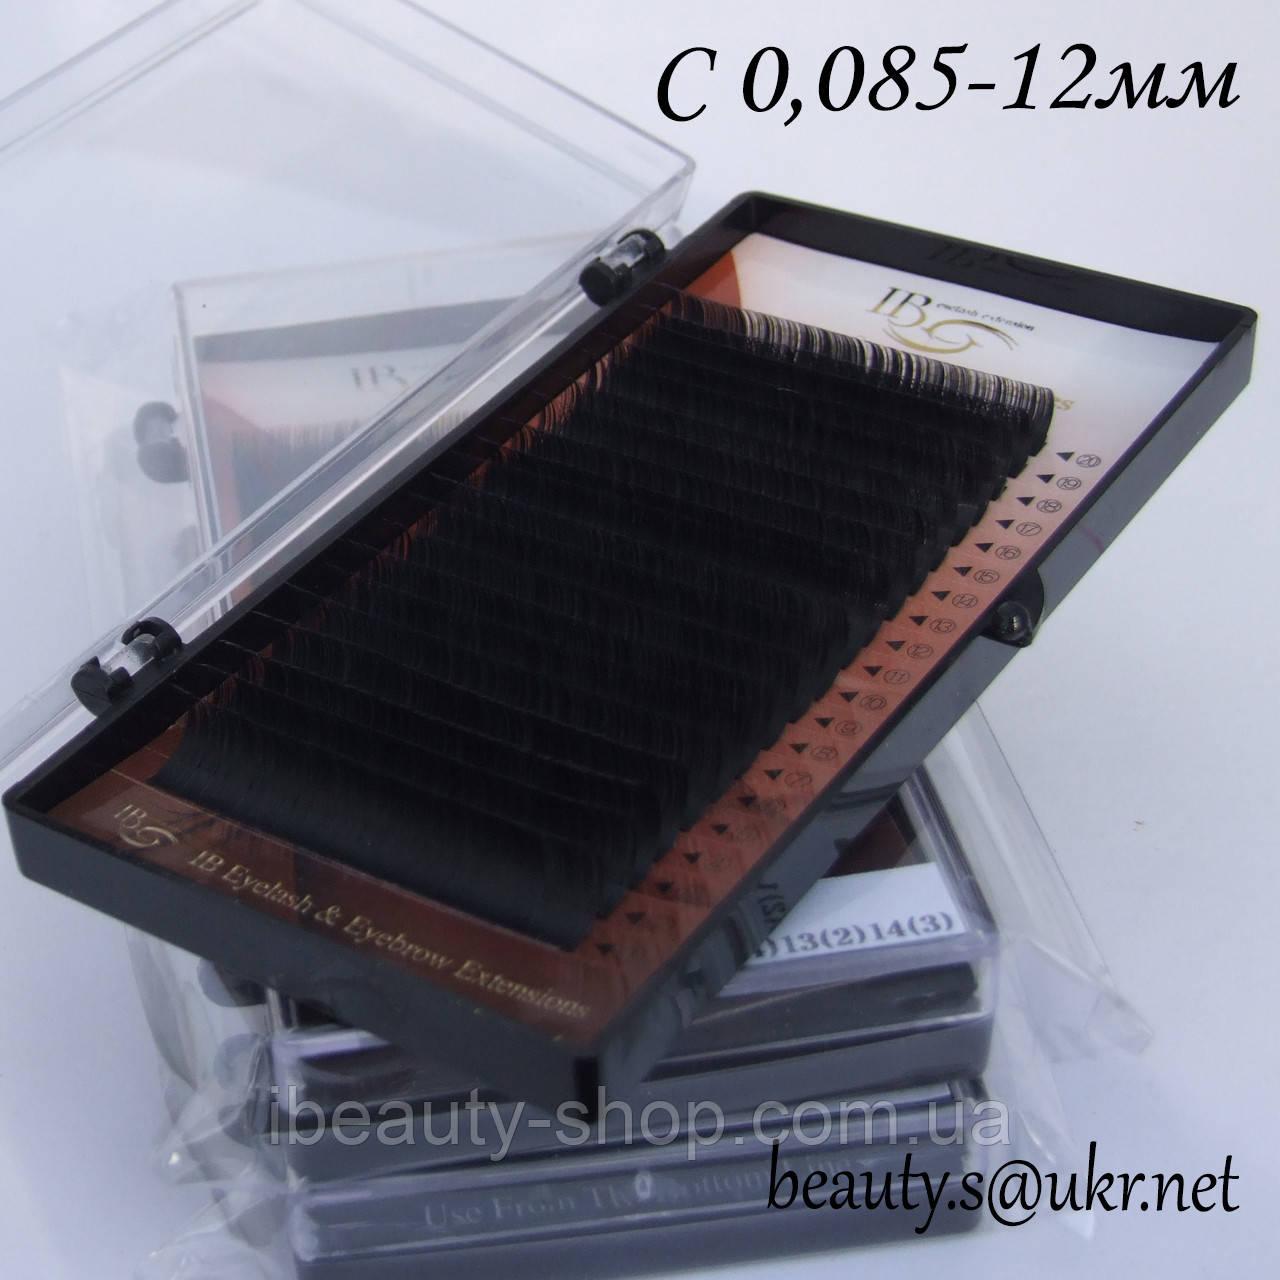 Ресницы  I-Beauty на ленте C-0,085 12мм